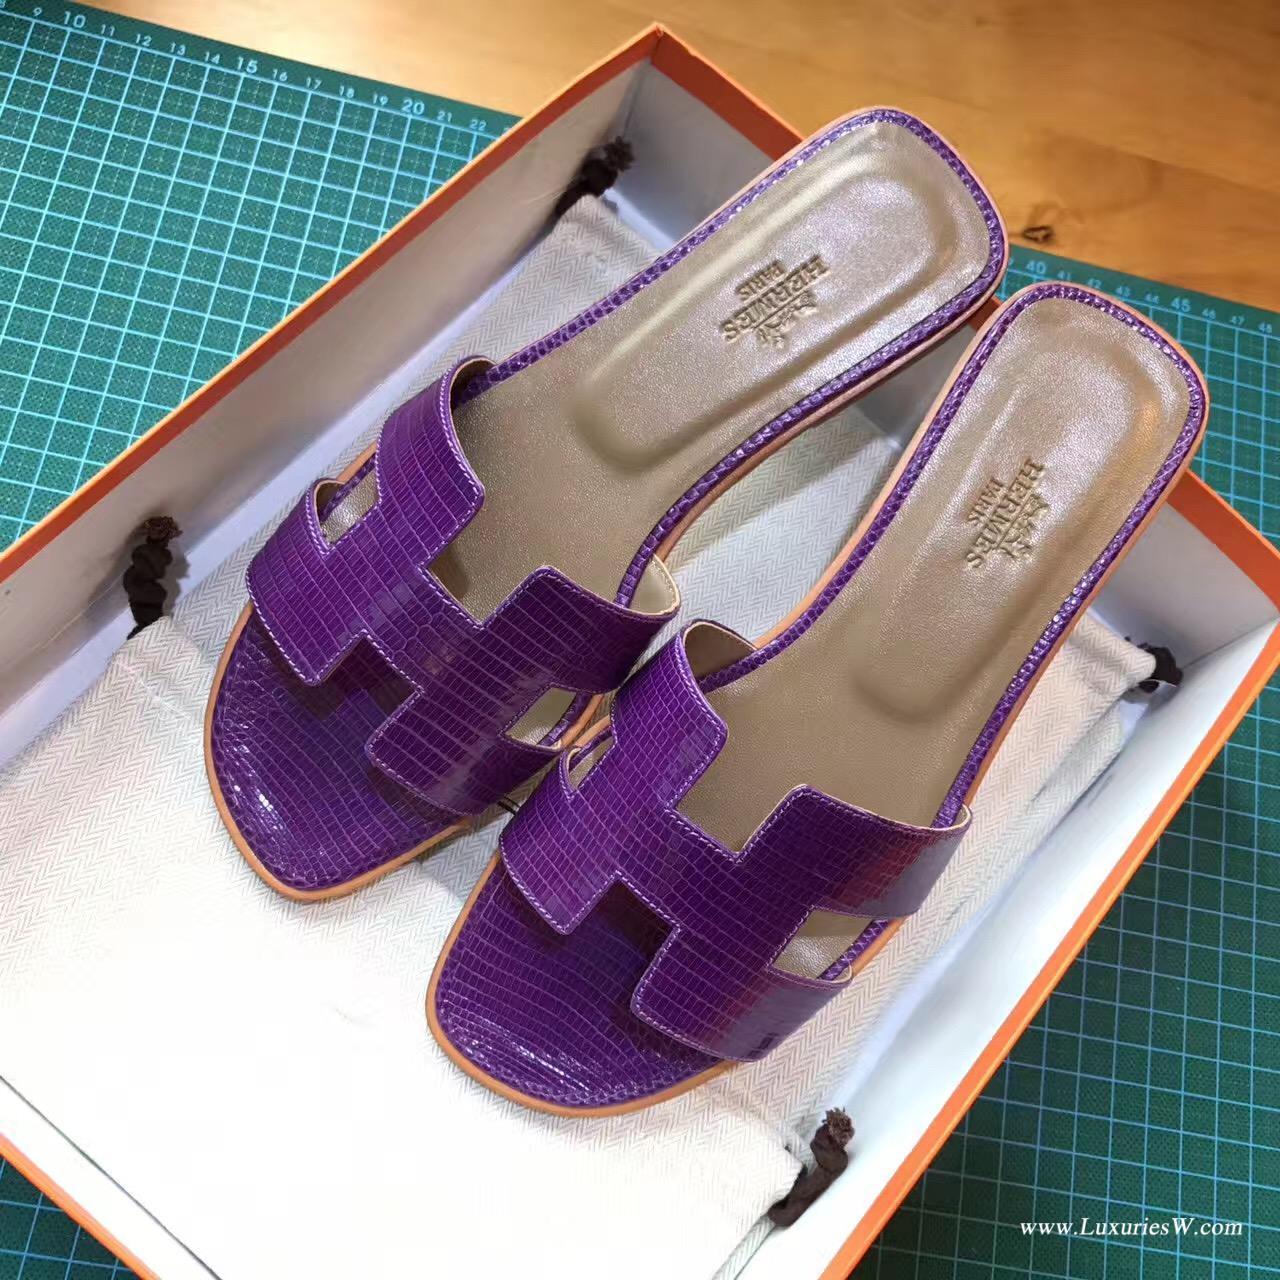 愛馬仕Hermes女士涼鞋 H型拖鞋蜥蜴皮9W Crocus 夢幻紫色平底涼拖鞋